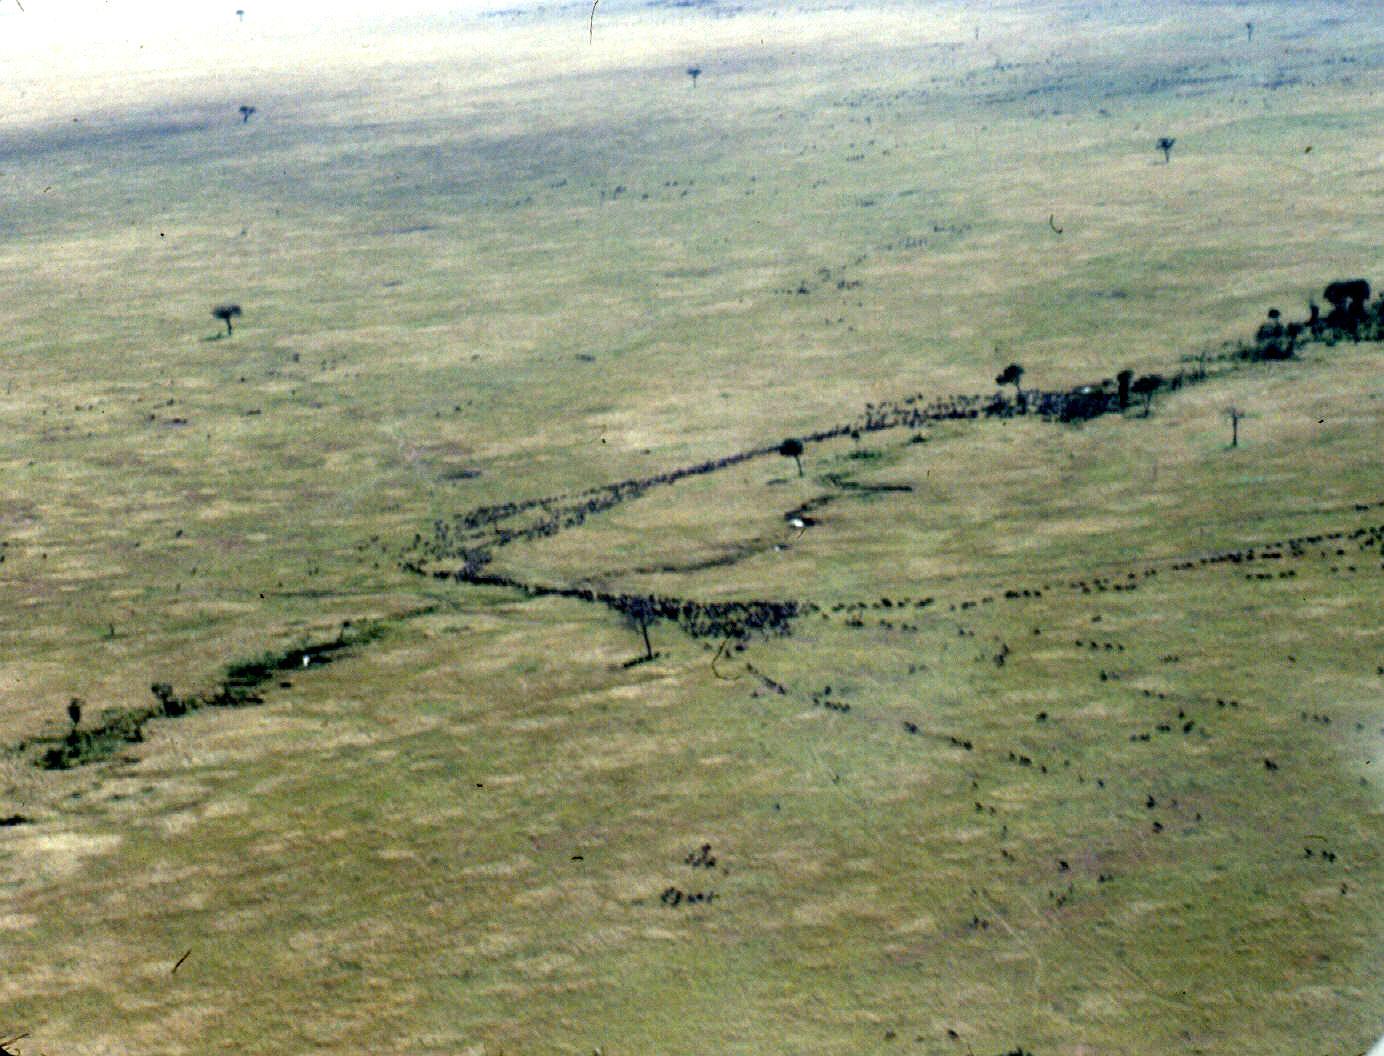 m mara air wbeest migration